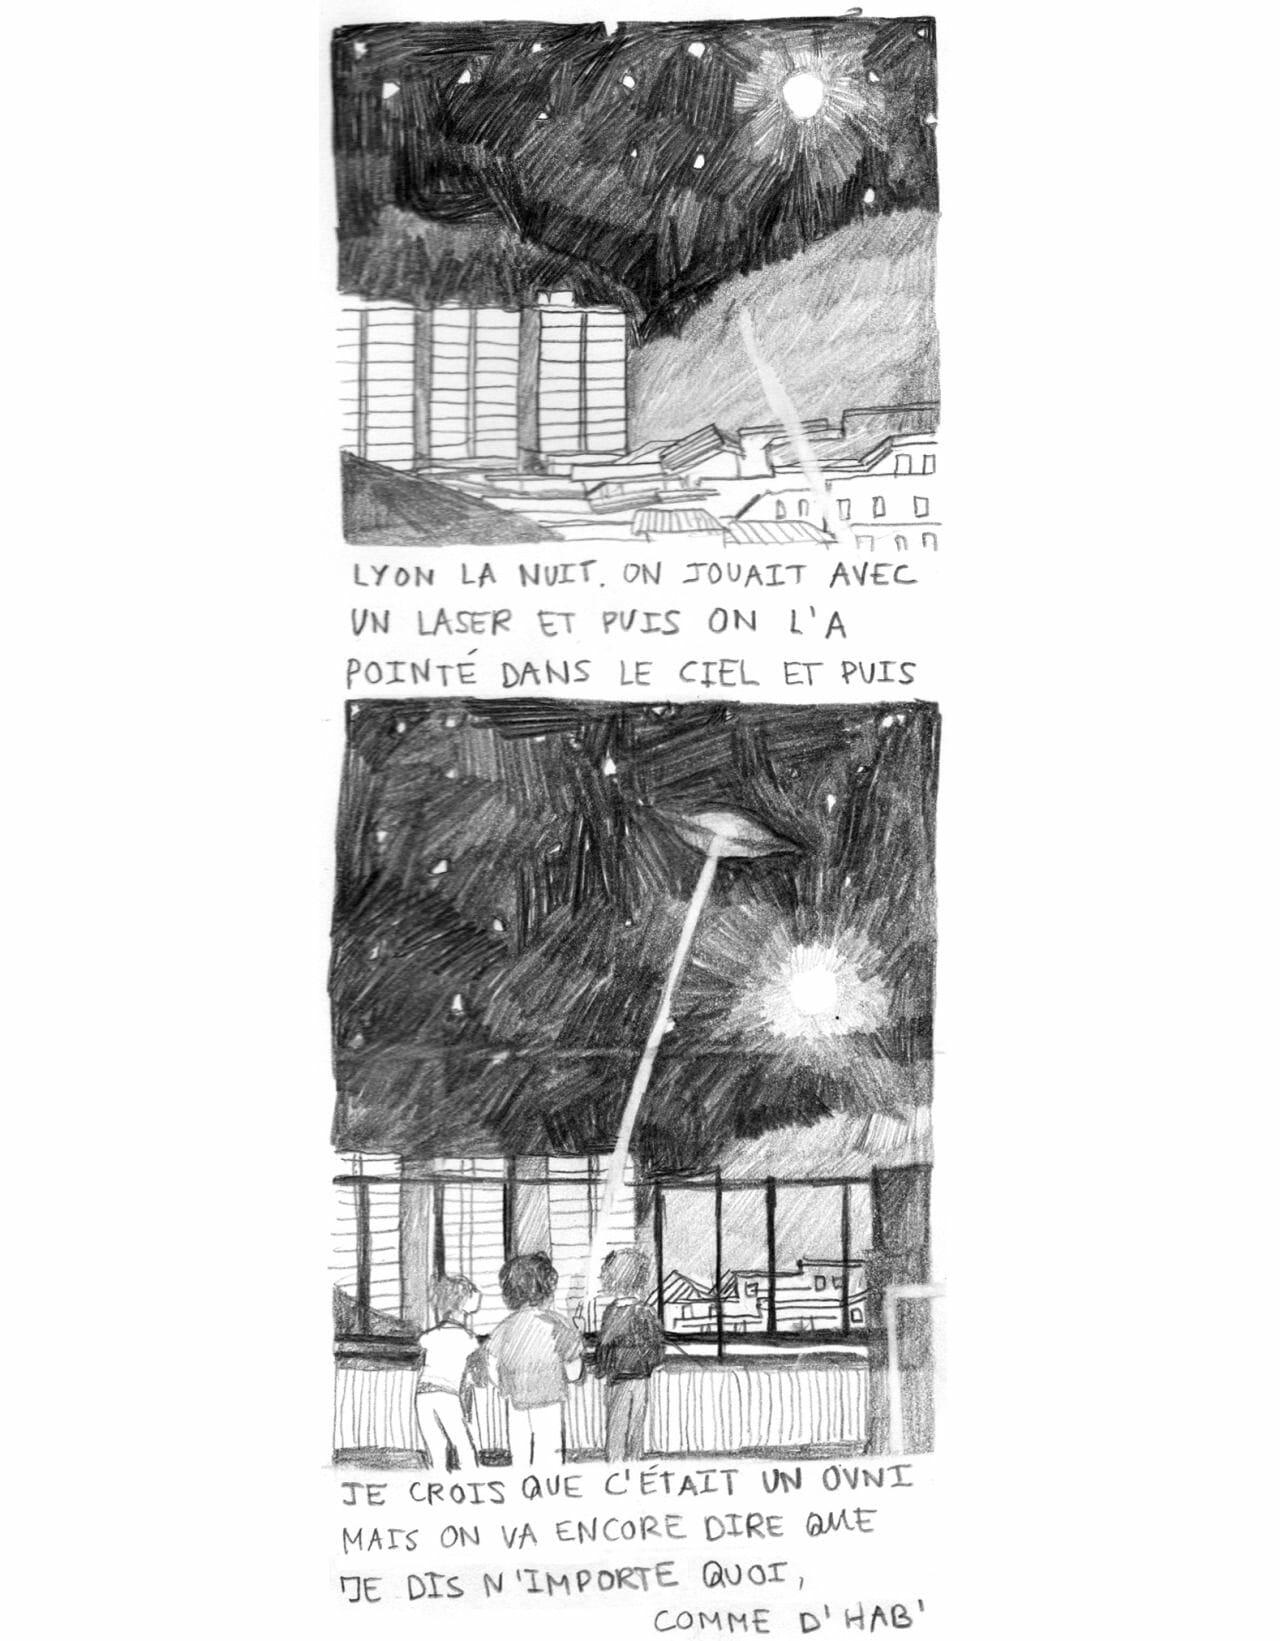 Musique nocturne et dessins d'adolescents: une discussion insomniaque avec Estelle Marchi 4